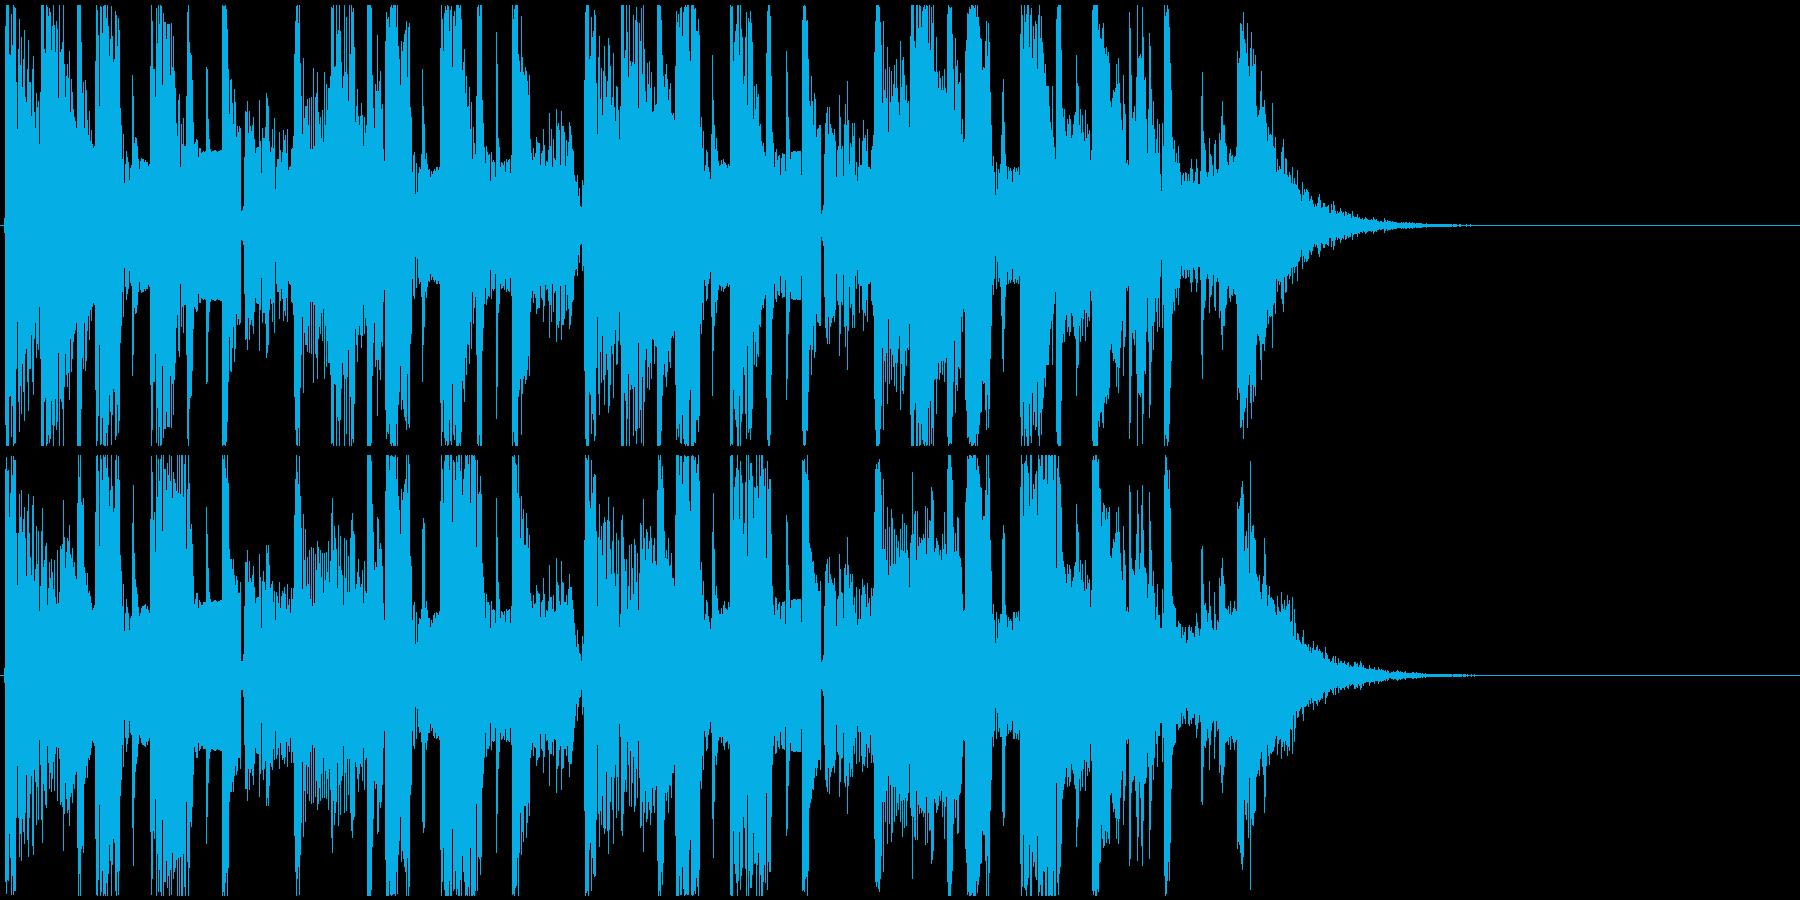 声を入れてラジオ等に!シャレオツ小品曲の再生済みの波形